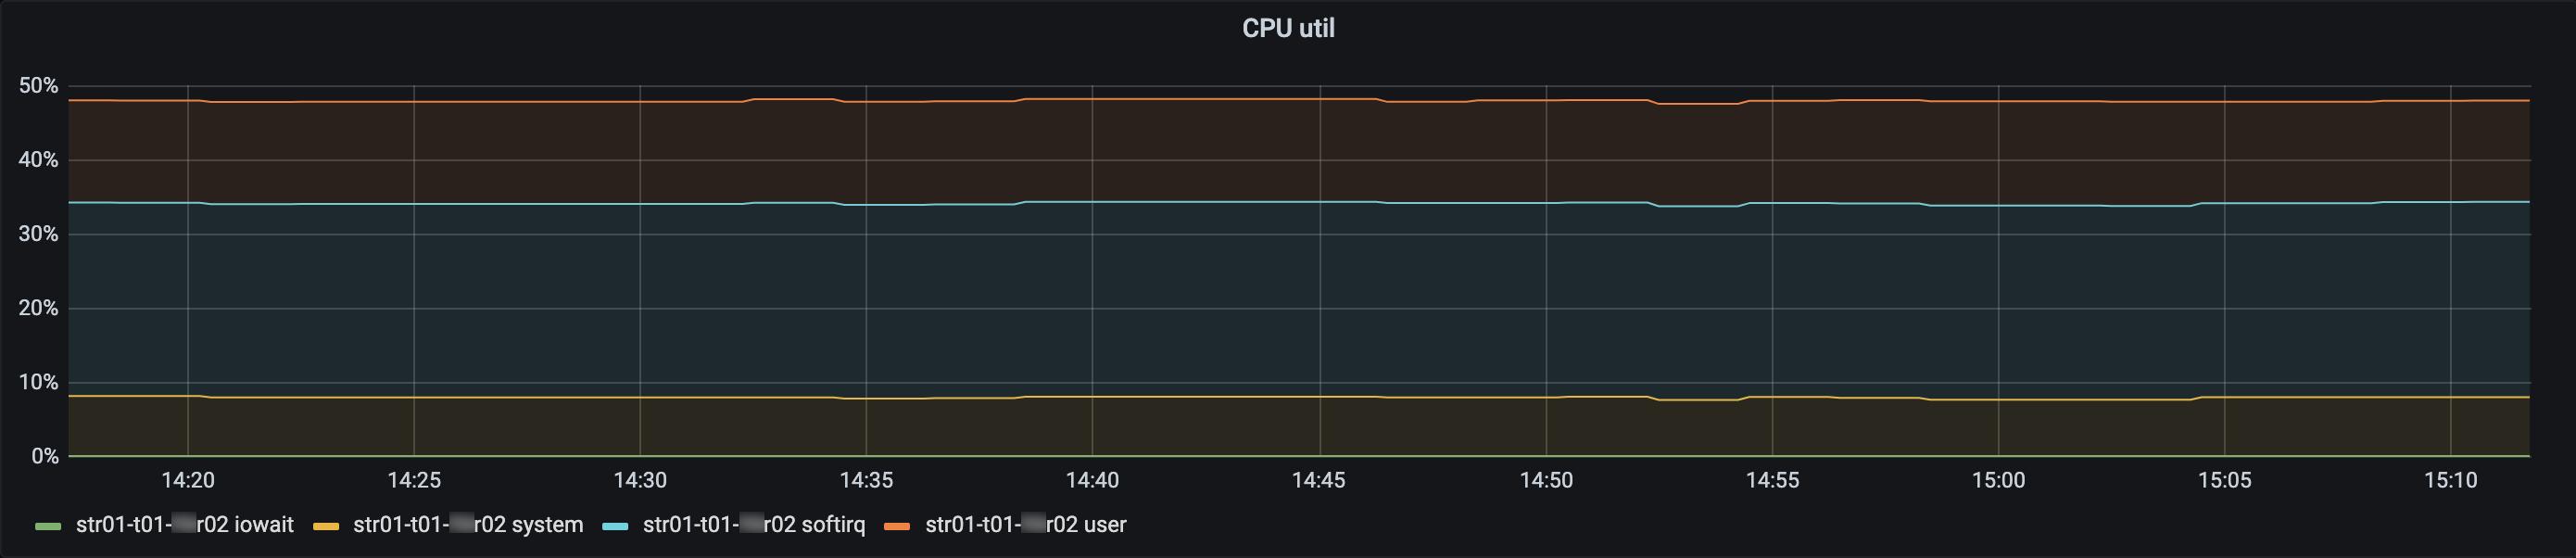 Oracle Linux 7 с ядром 5.4.17-2102.200.13.el7uek (the plot is stacked) на str01-t01-**r02